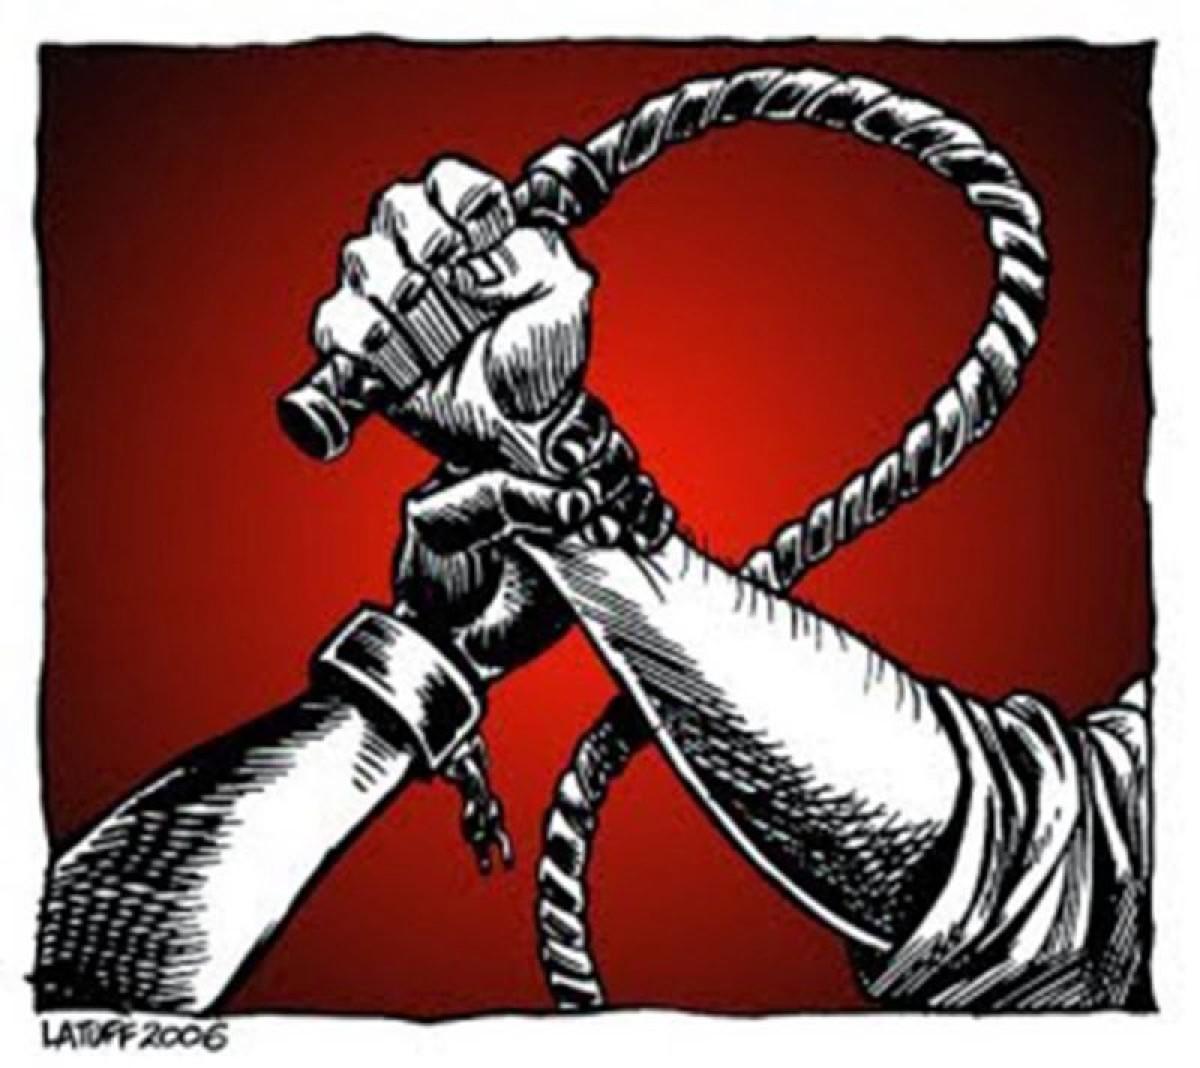 A escravidão não acabou no Brasil: a falsa abolição de 13 de maio